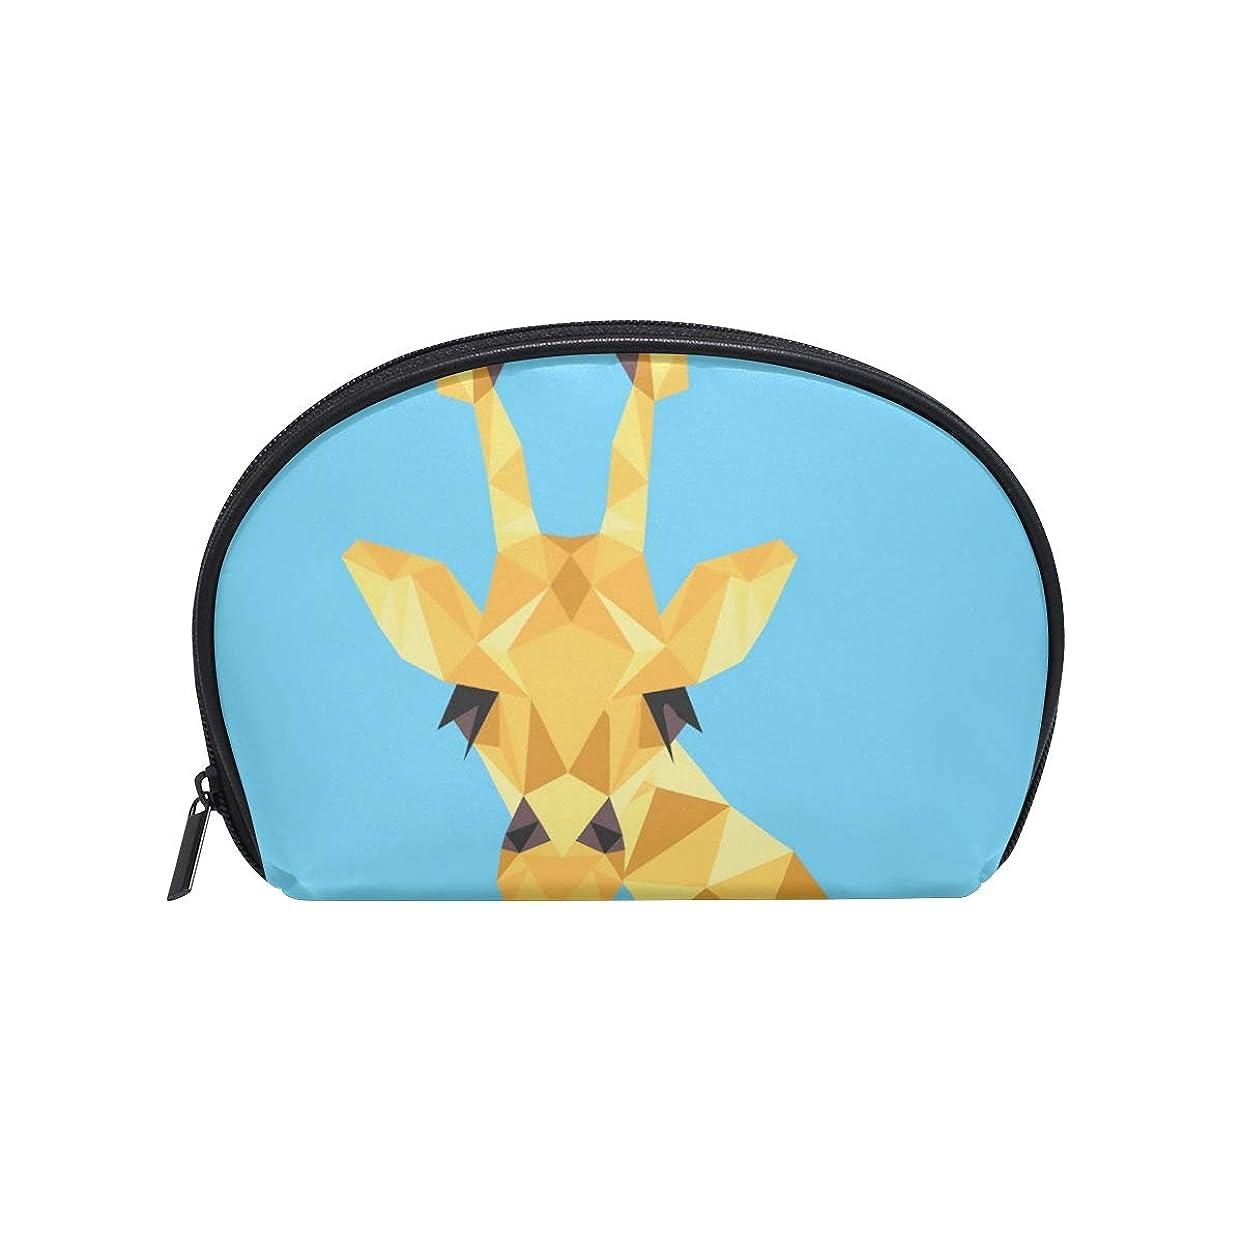 とても冒険者機関半月型 キリン動物アフリカ 化粧ポーチ コスメポーチ コスメバッグ メイクポーチ 大容量 旅行 小物入れ